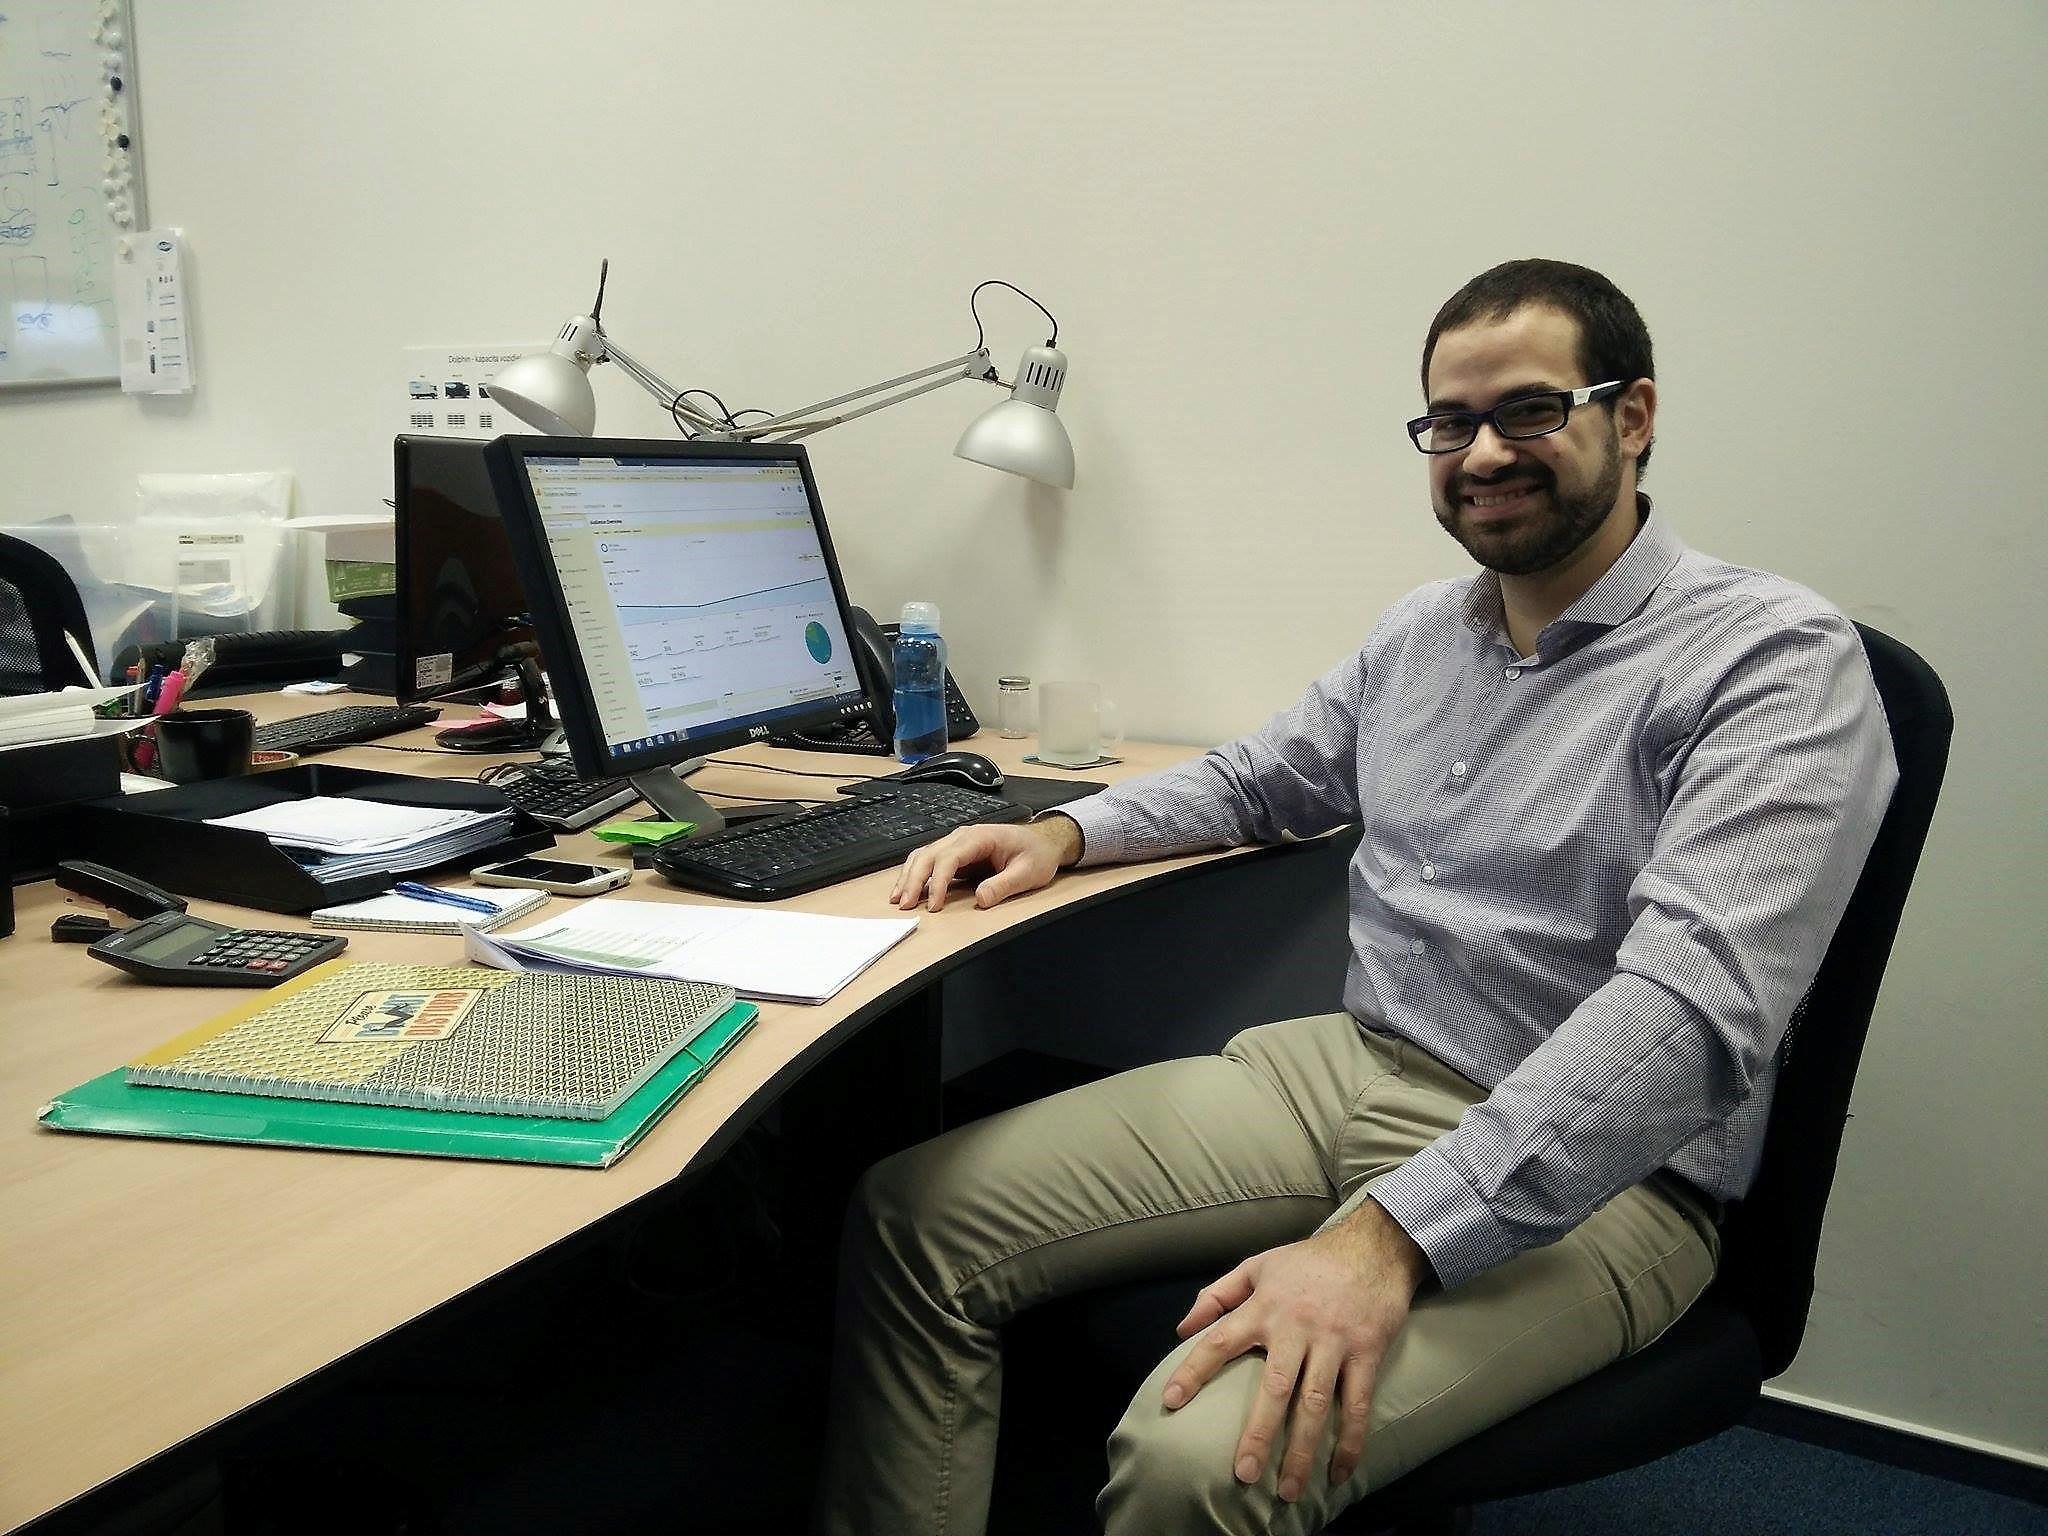 Daniel, Online Marketing Operator, Spain